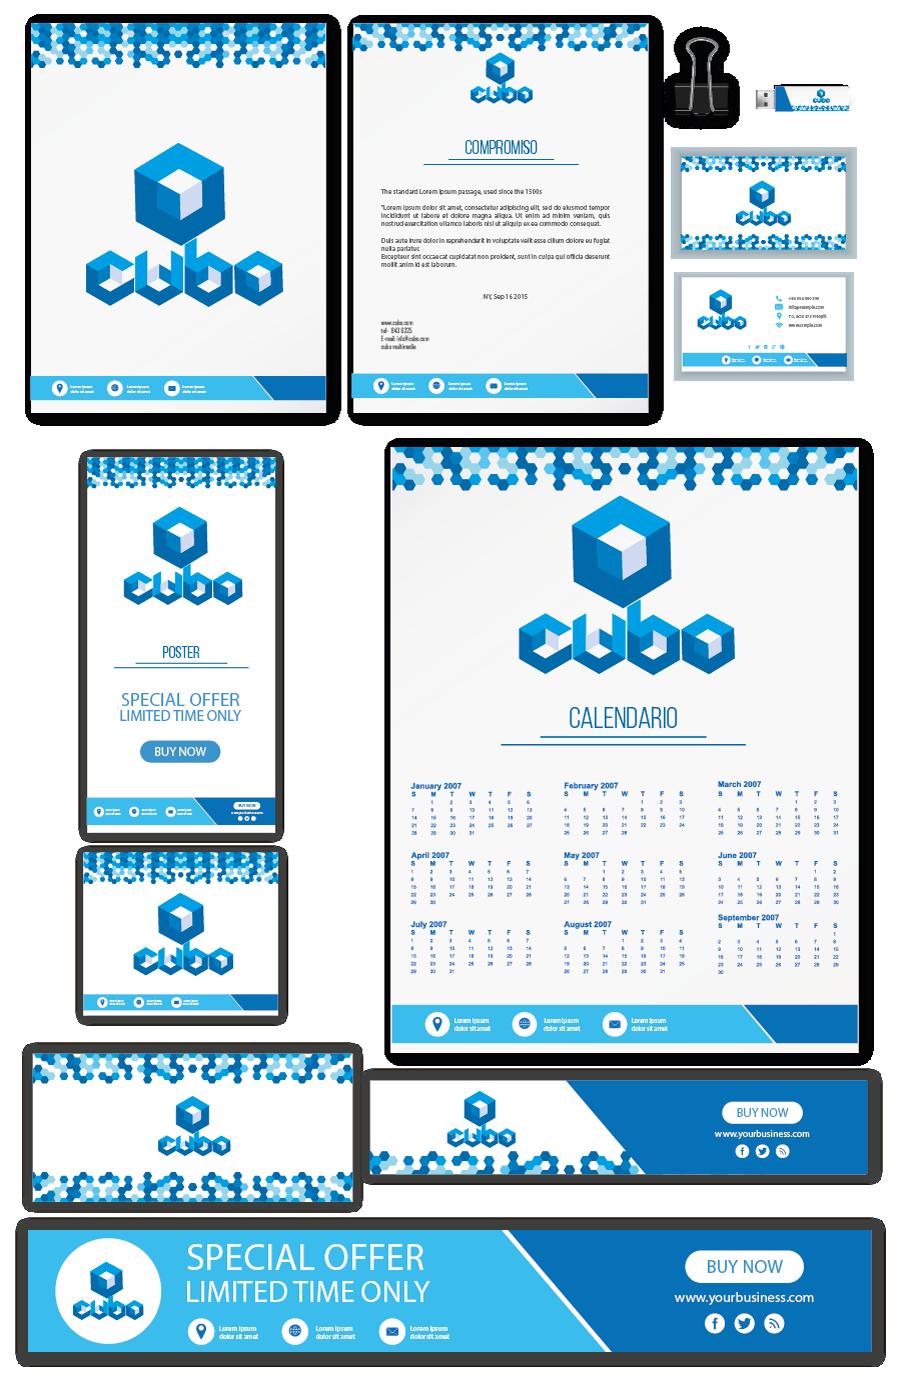 cubo-aplicativos